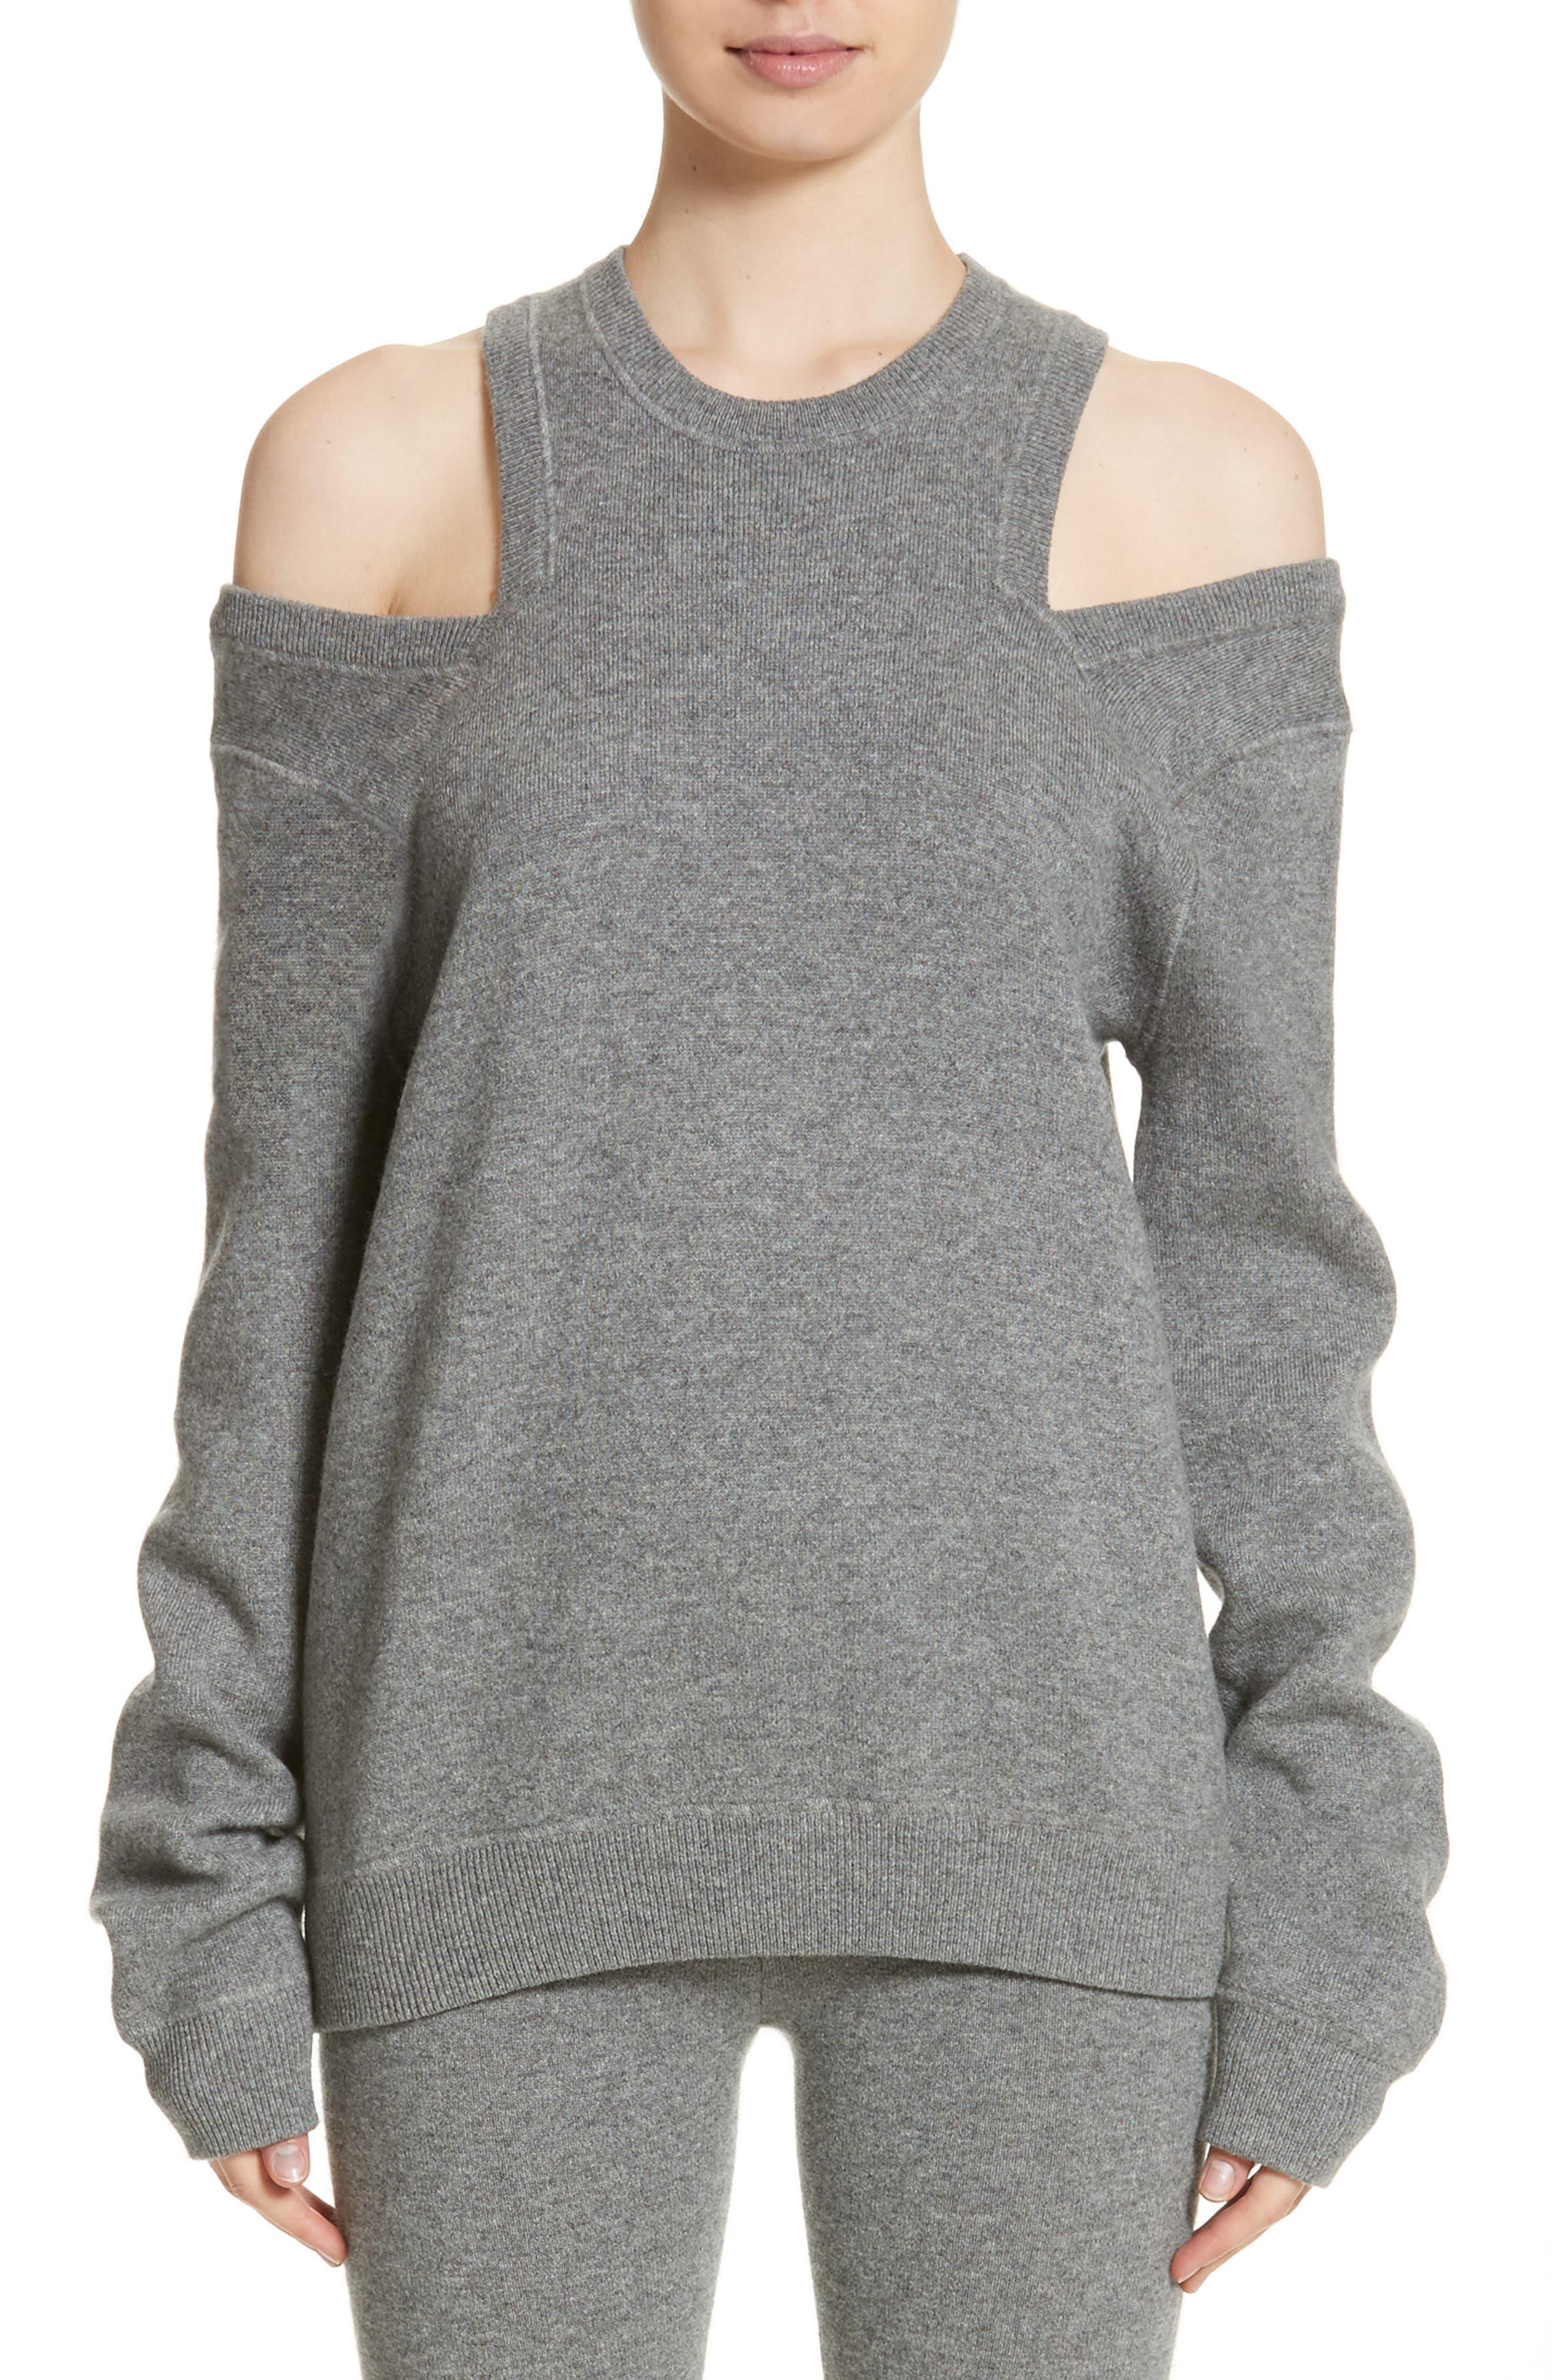 Alternate Image 1 Selected - Michael Kors Cold Shoulder Sweater